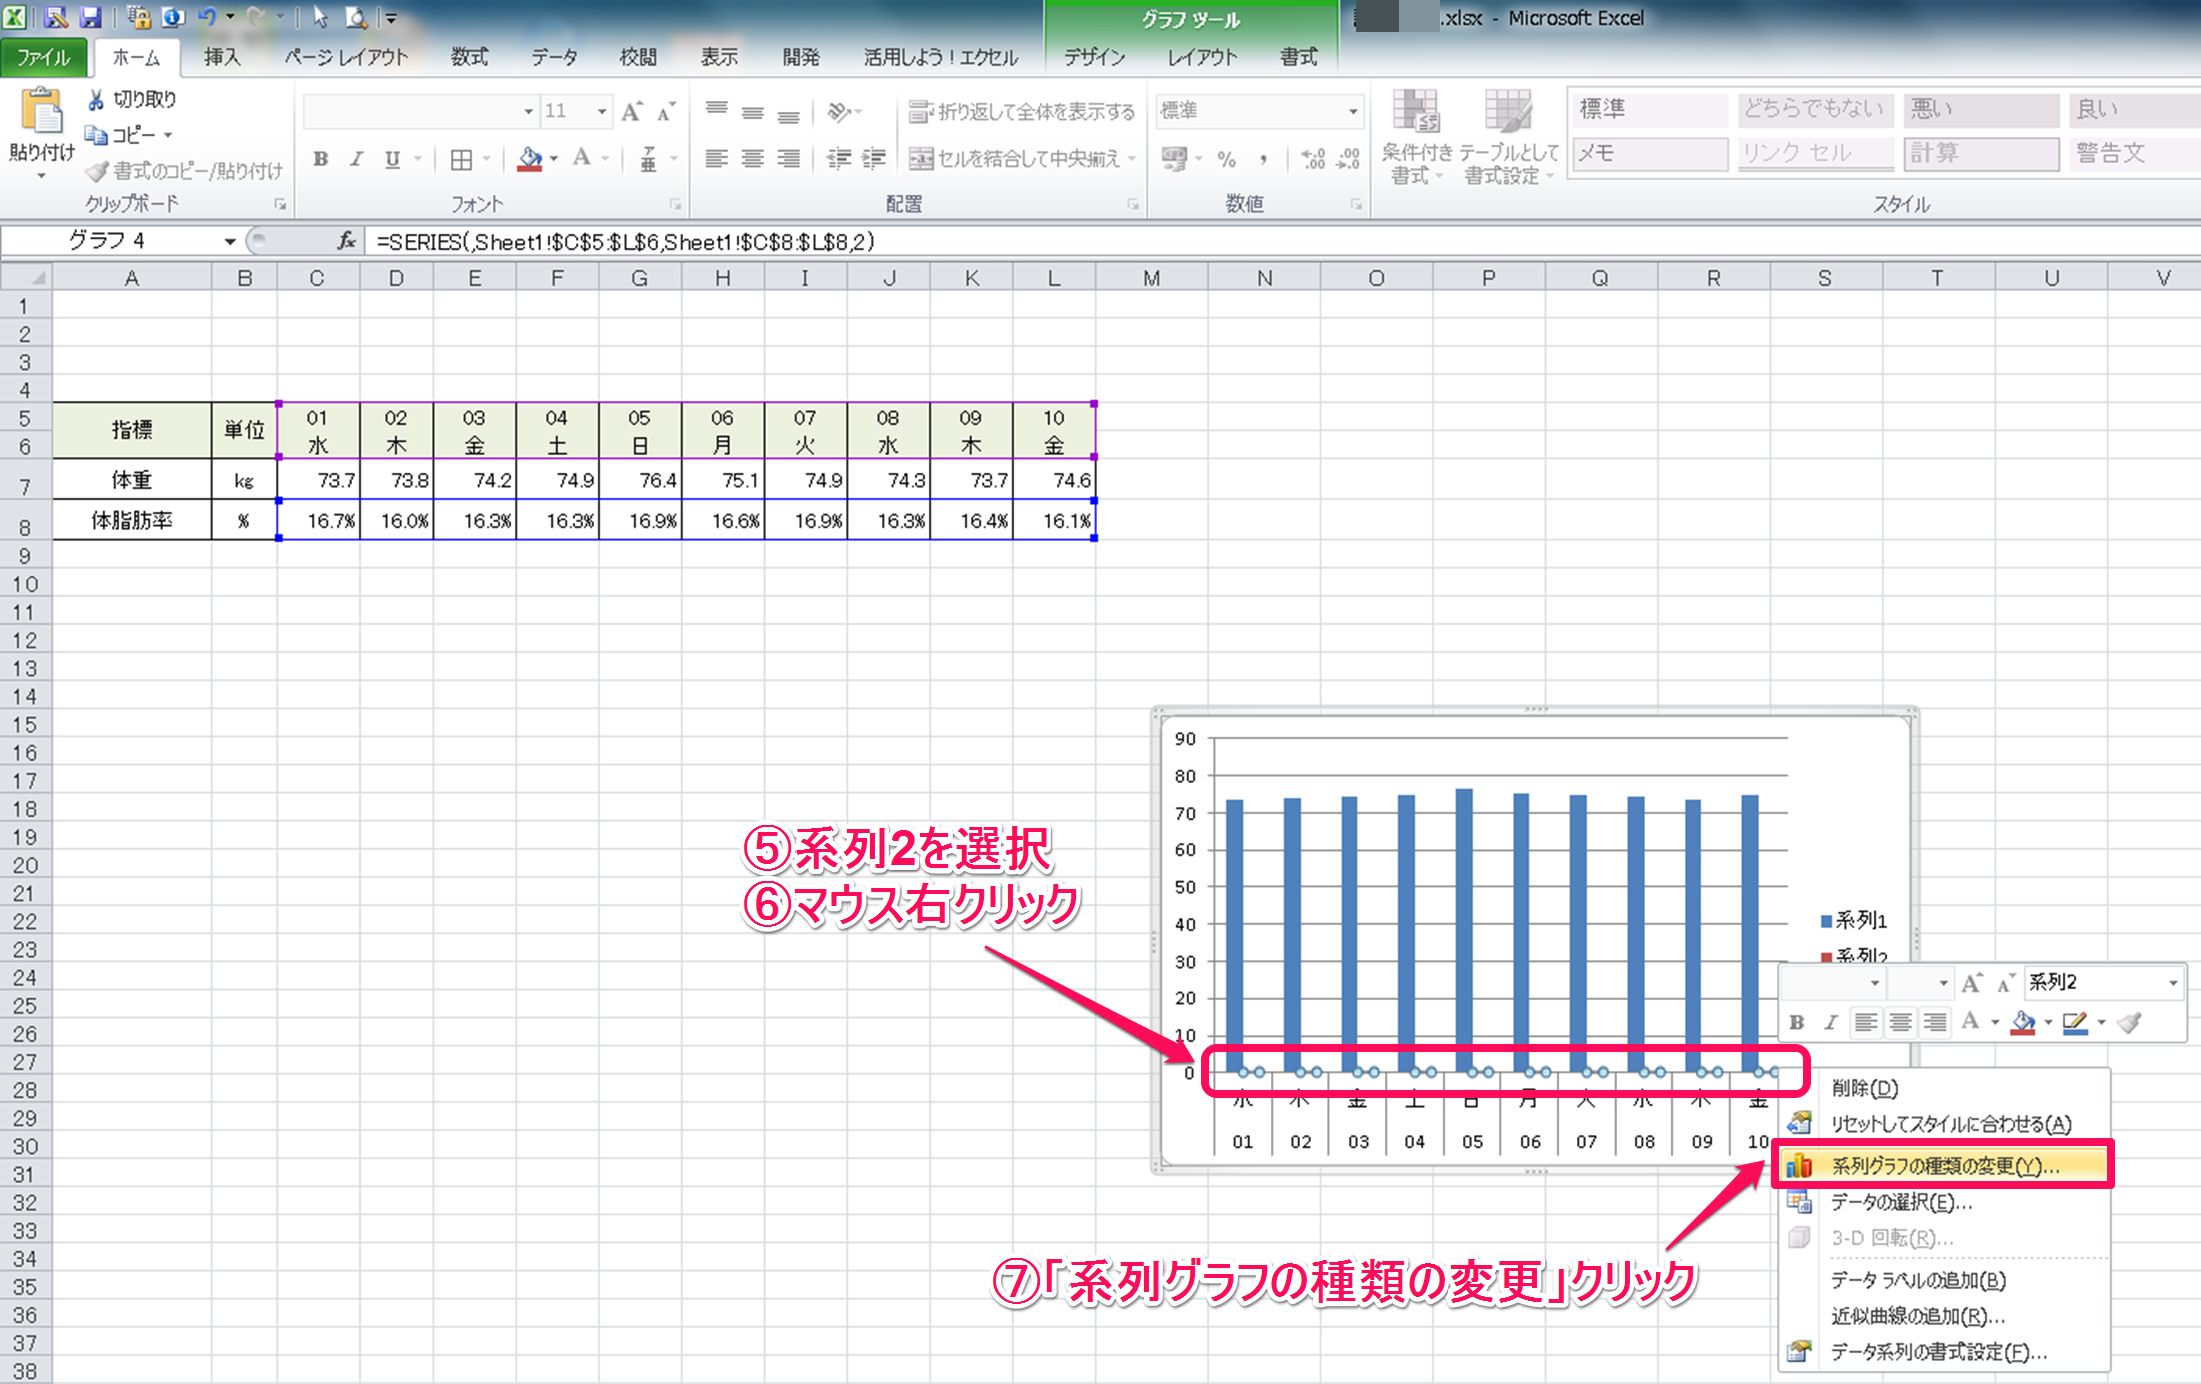 複合グラフ(集合縦棒+折れ線)のつくり方③